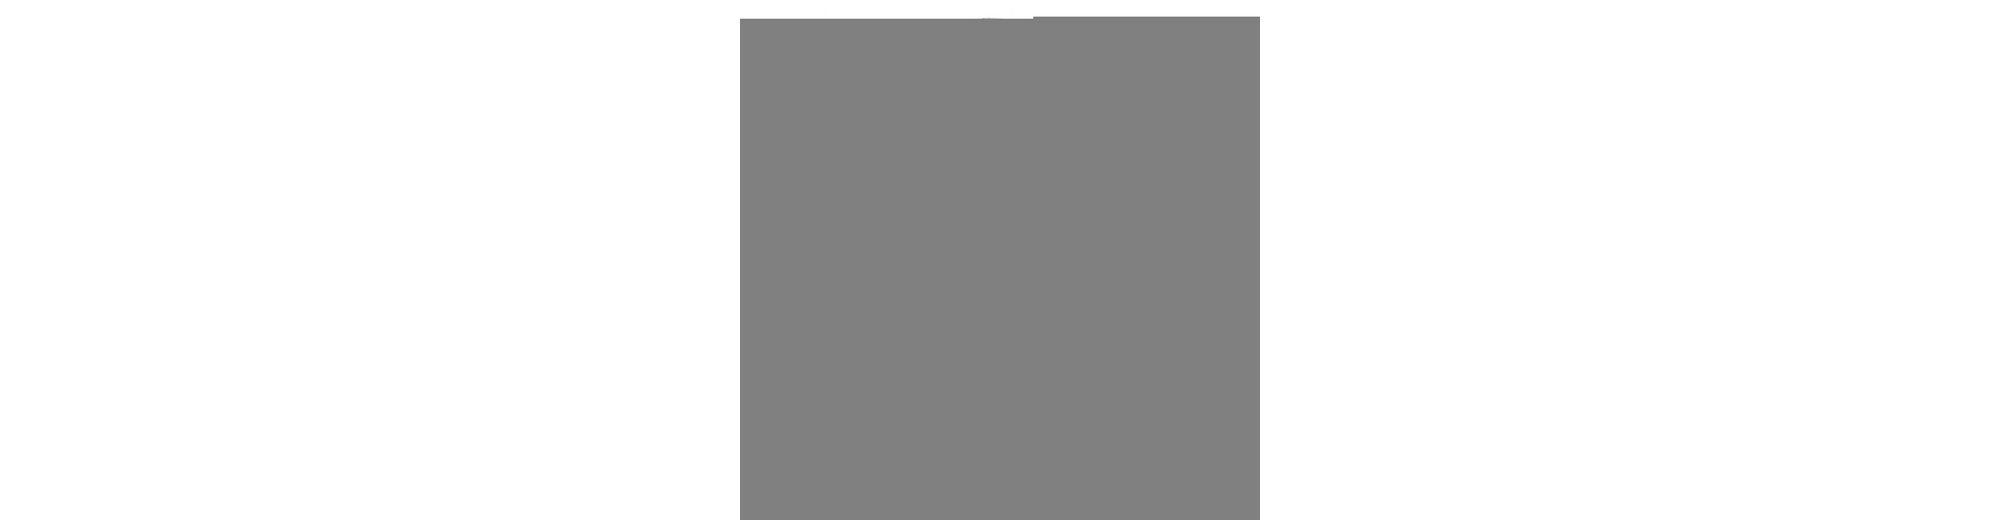 Die Günstigste Online Evita CRISTINA Plateaupumps Preise Günstiger Preis Spielraum Brandneue Unisex Factory-Outlet-Verkauf t2W1u